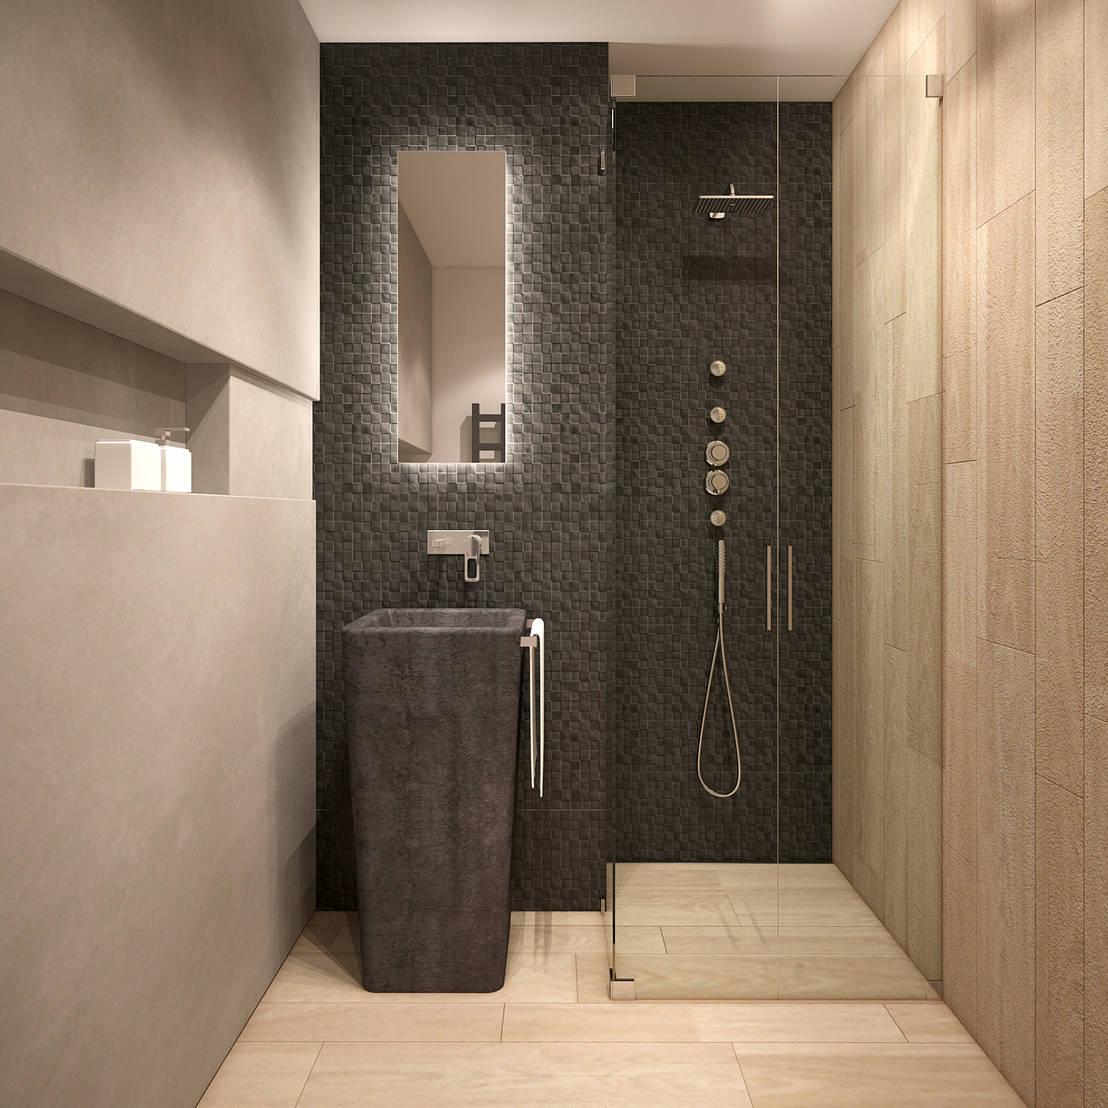 Baño Pequeno Alargado:Cómo decorar un baño alargado y estrecho?